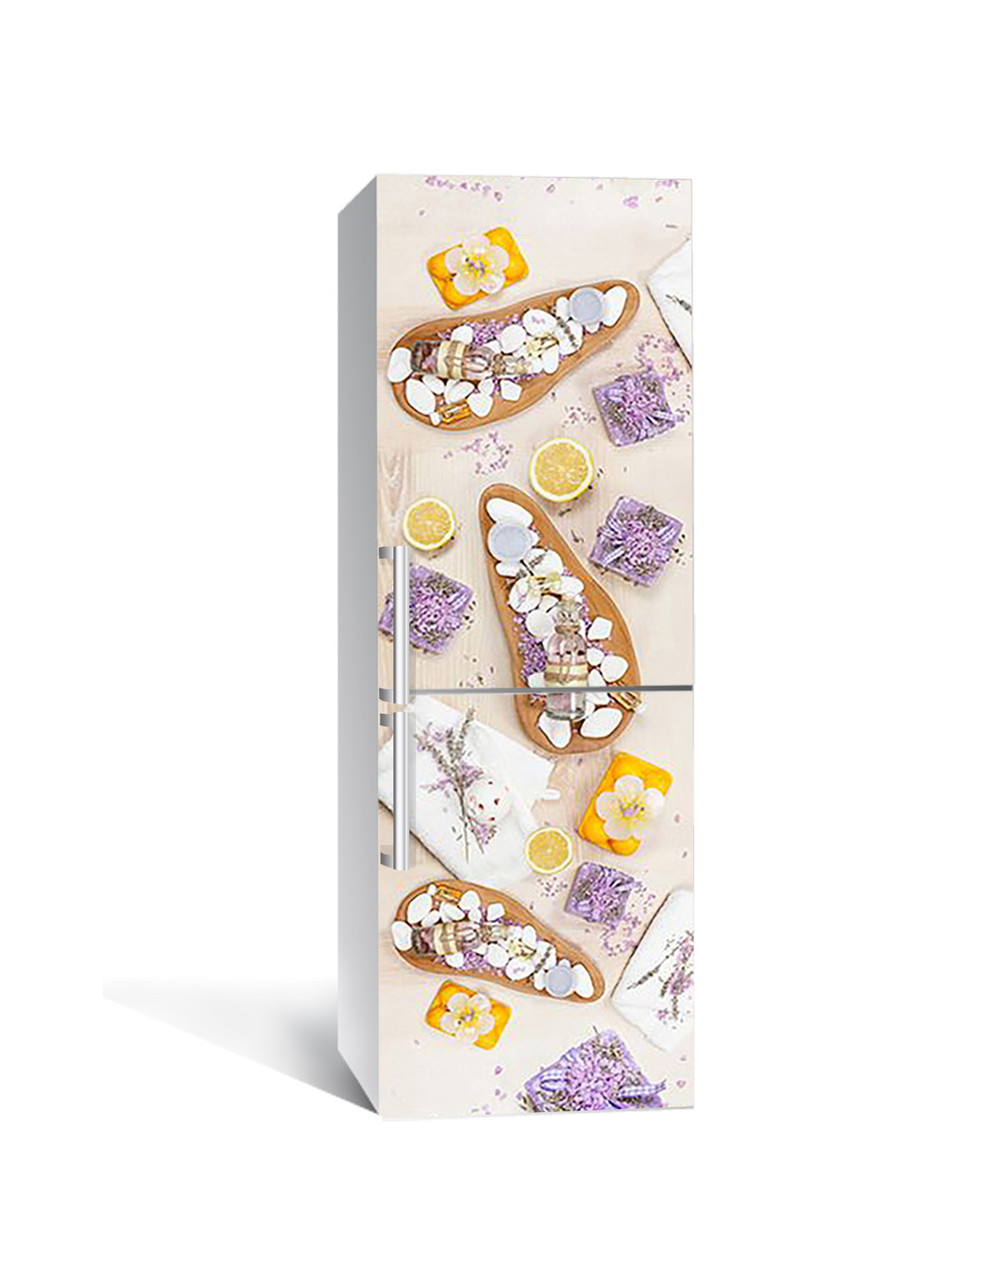 Вінілова наклейка на холодильник Лавандовий Акцент самоклеюча ламінована плівка асорті Фіолетовий